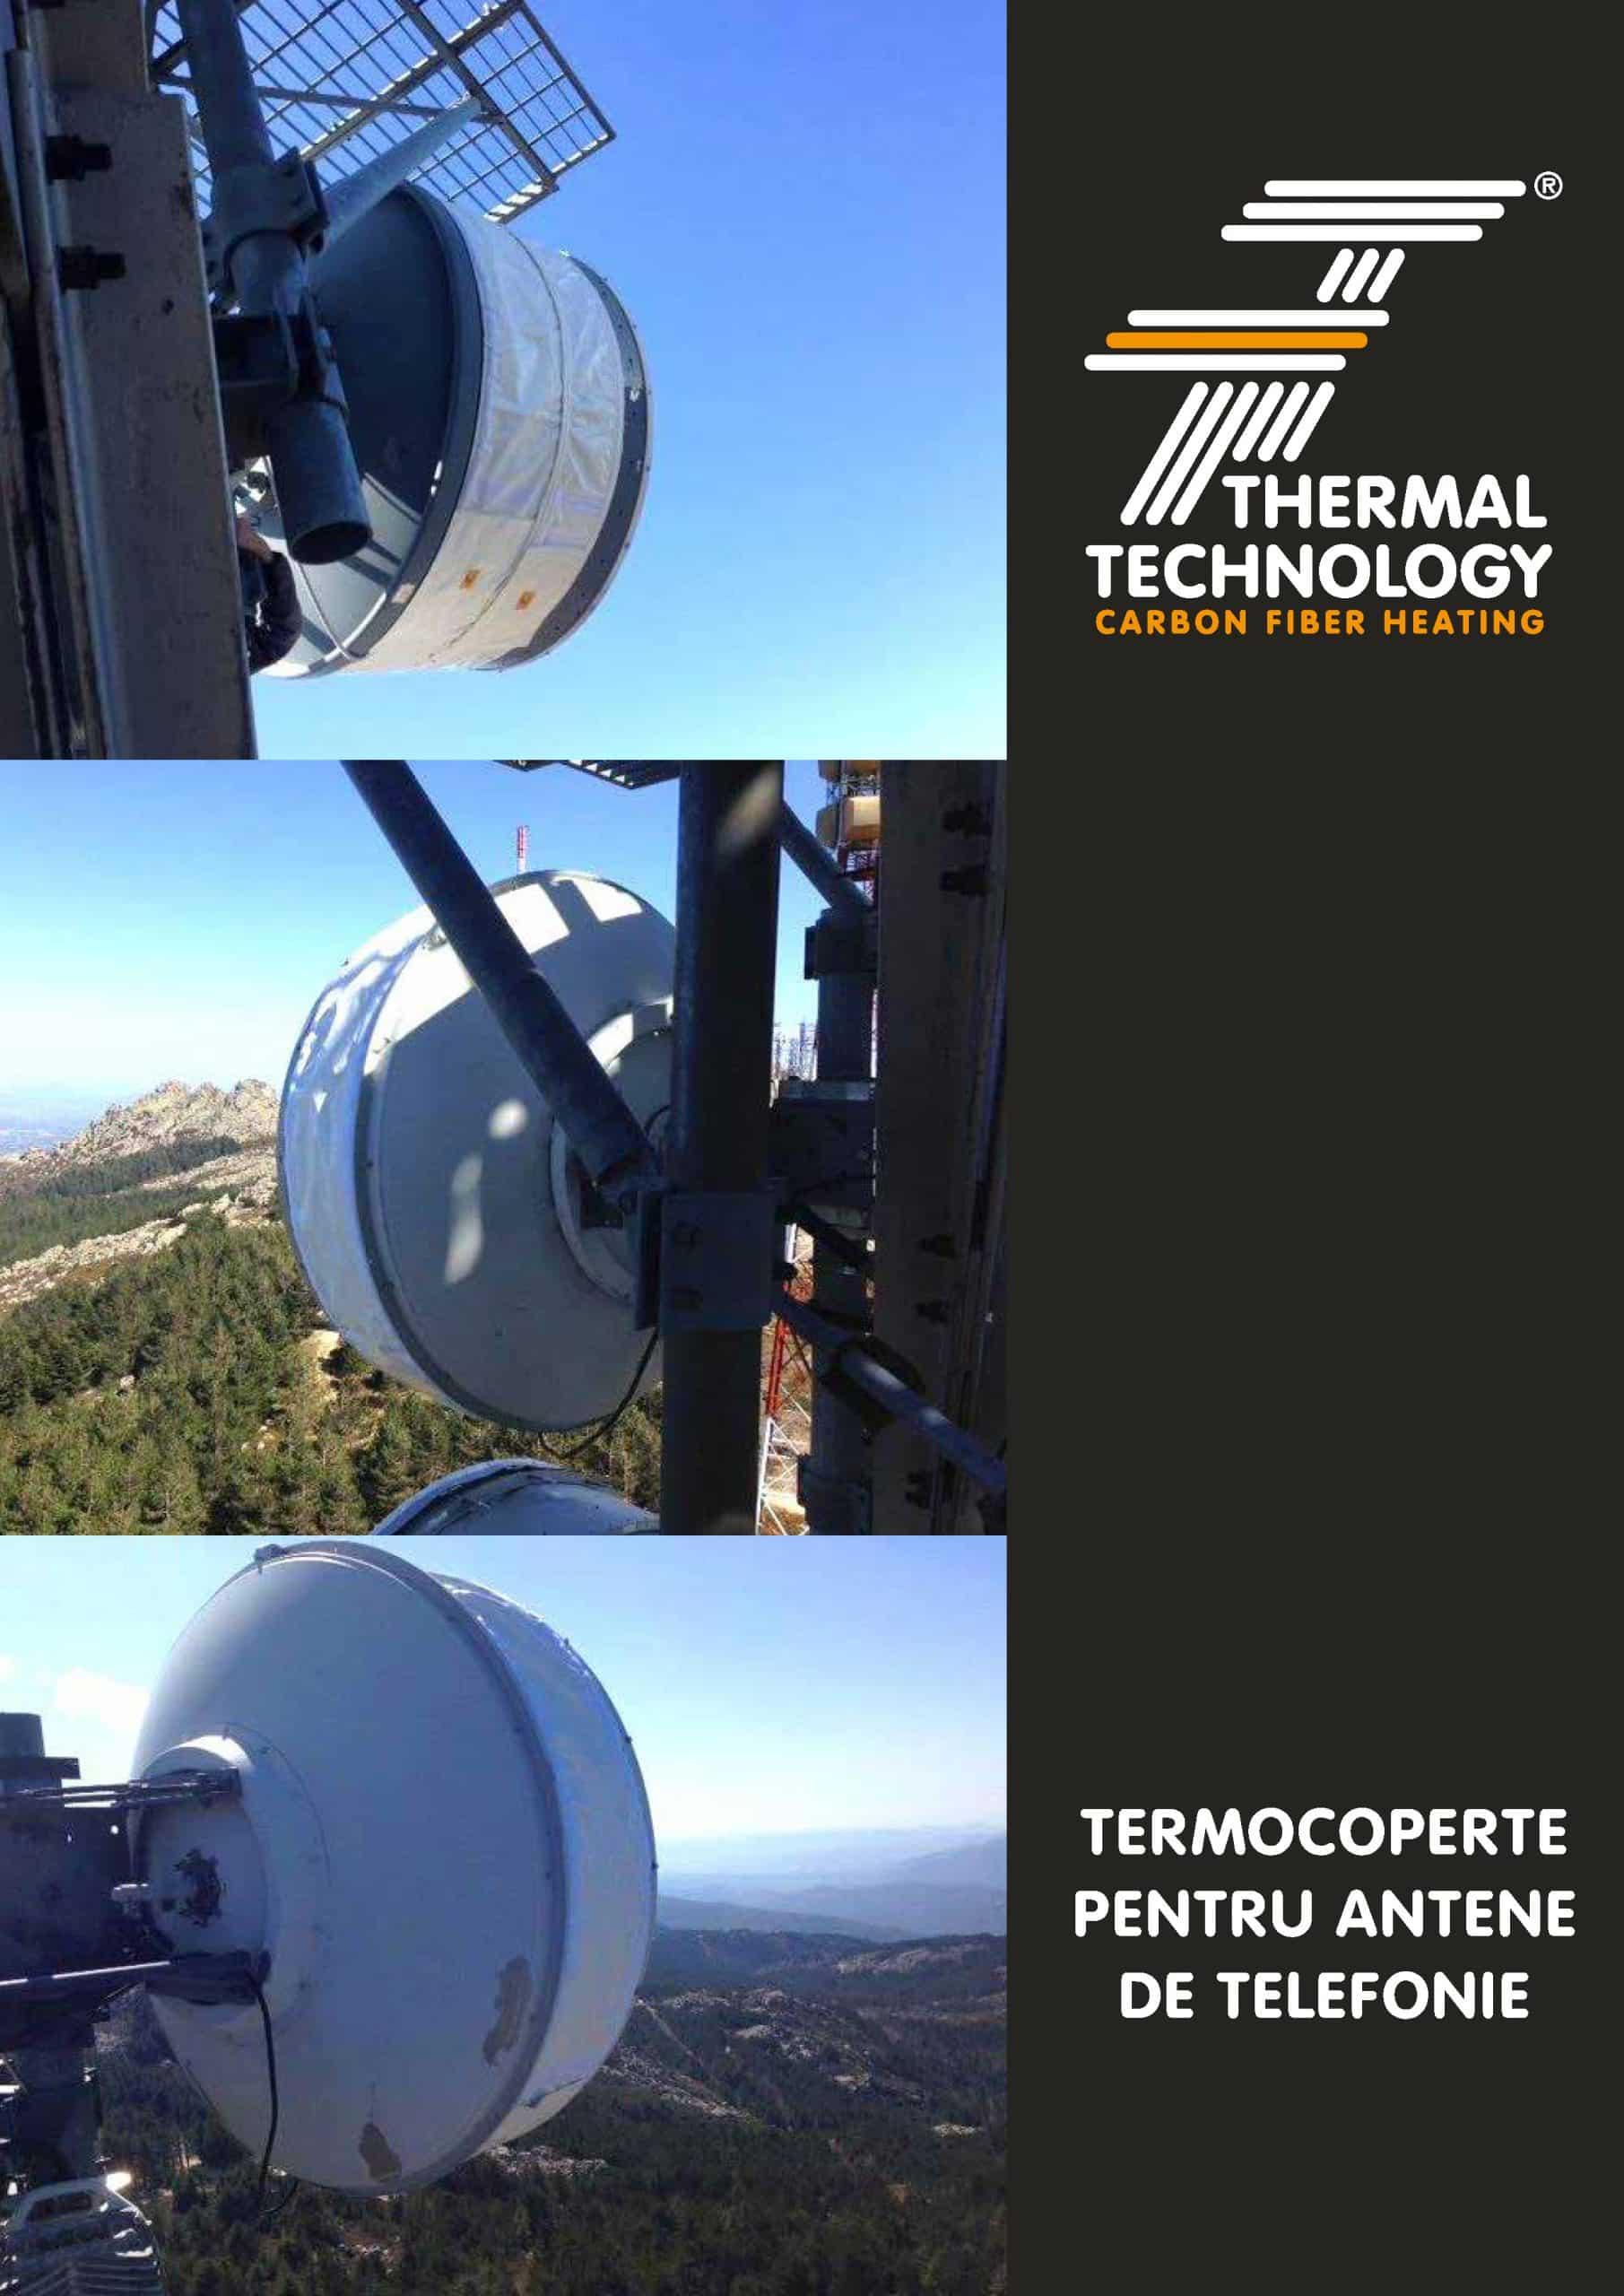 Termocoperte pentru antene de telefonie